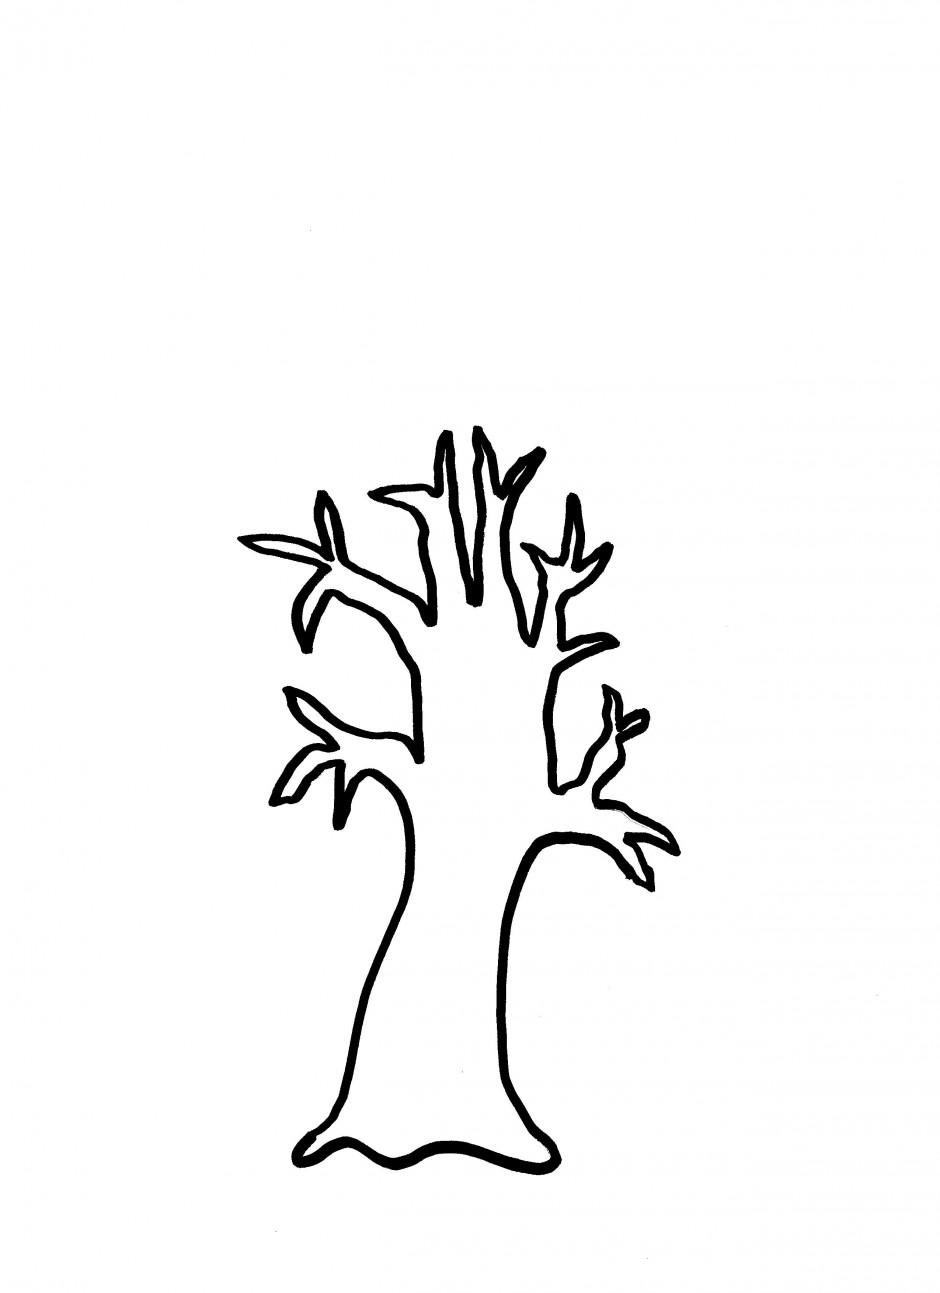 940x1293 Trunk Clipart Family Tree